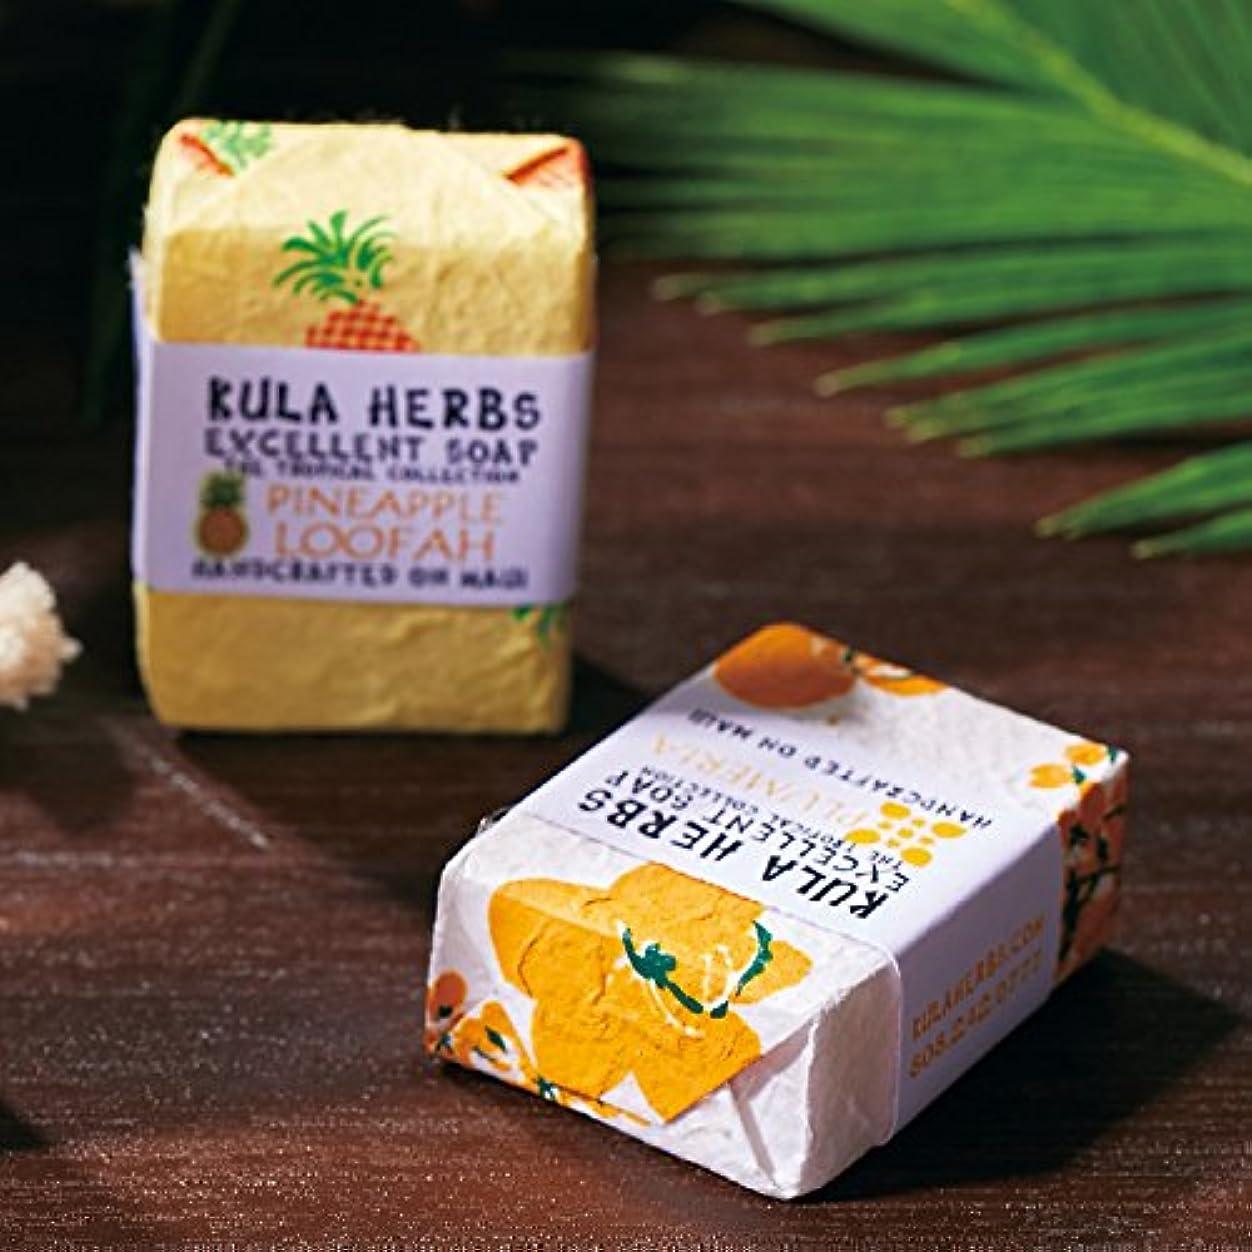 六月チャーミングかどうかハワイ 土産 クラハーブス ソープ 2種4コセット(ミニミニポーチ付) (海外旅行 ハワイ お土産)